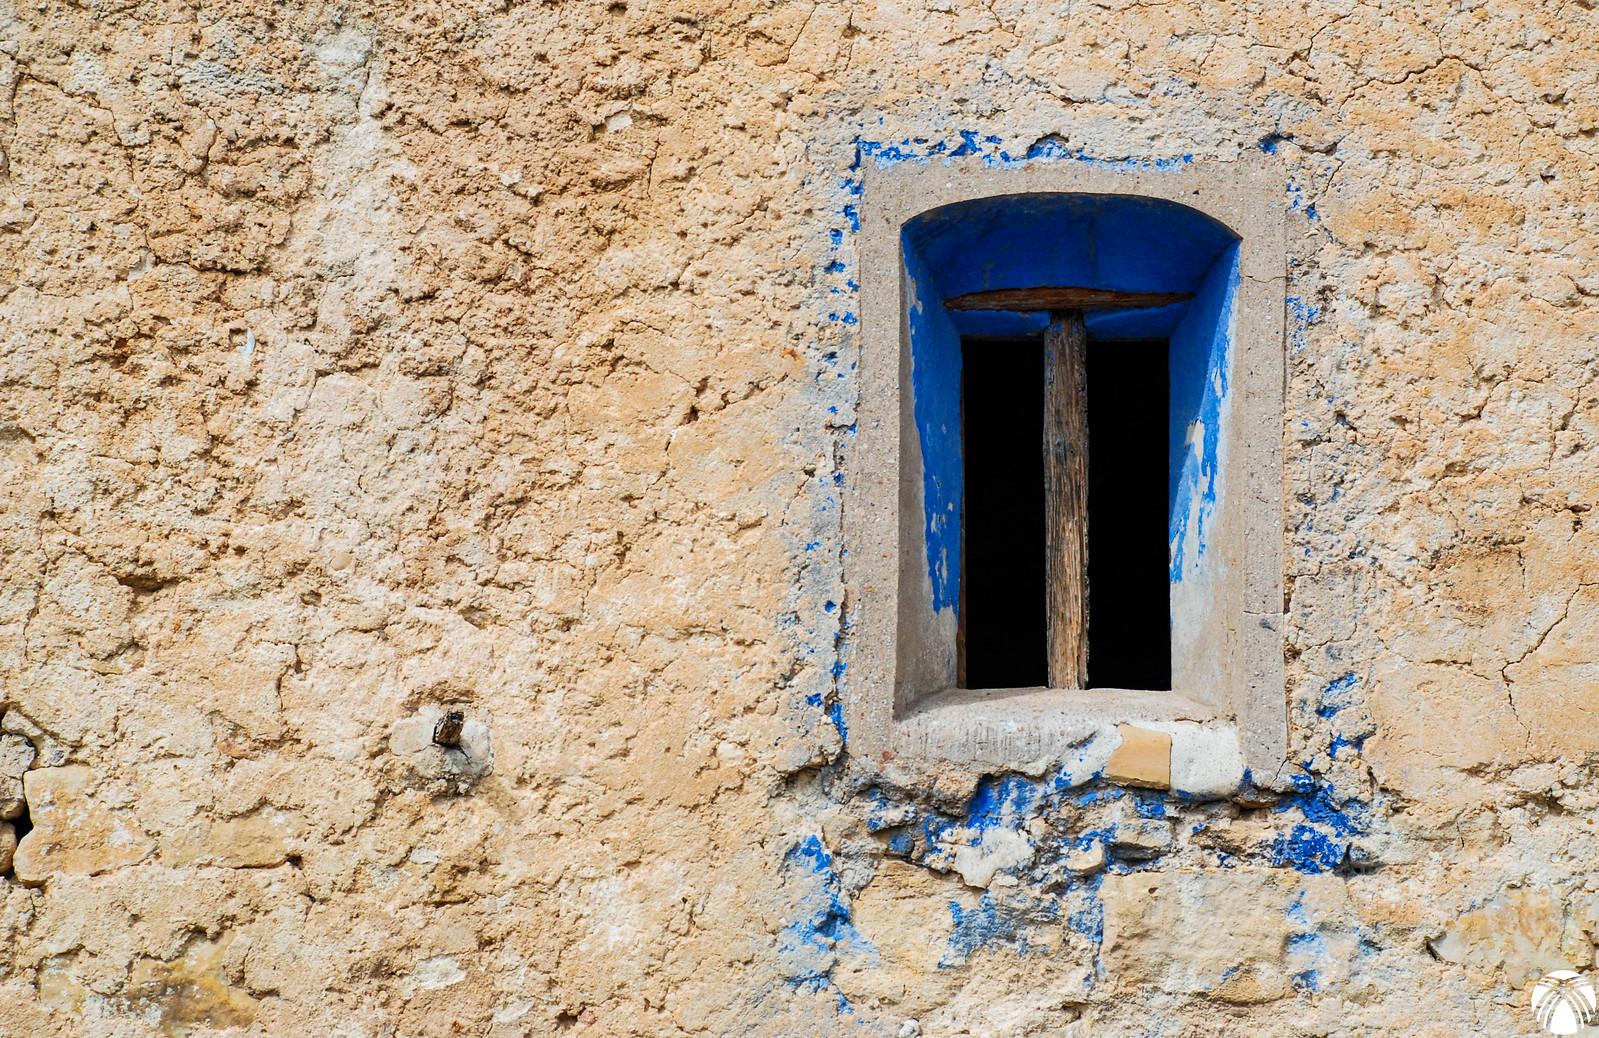 Detalle de la ventana del cortijo de Hondares de Abajo